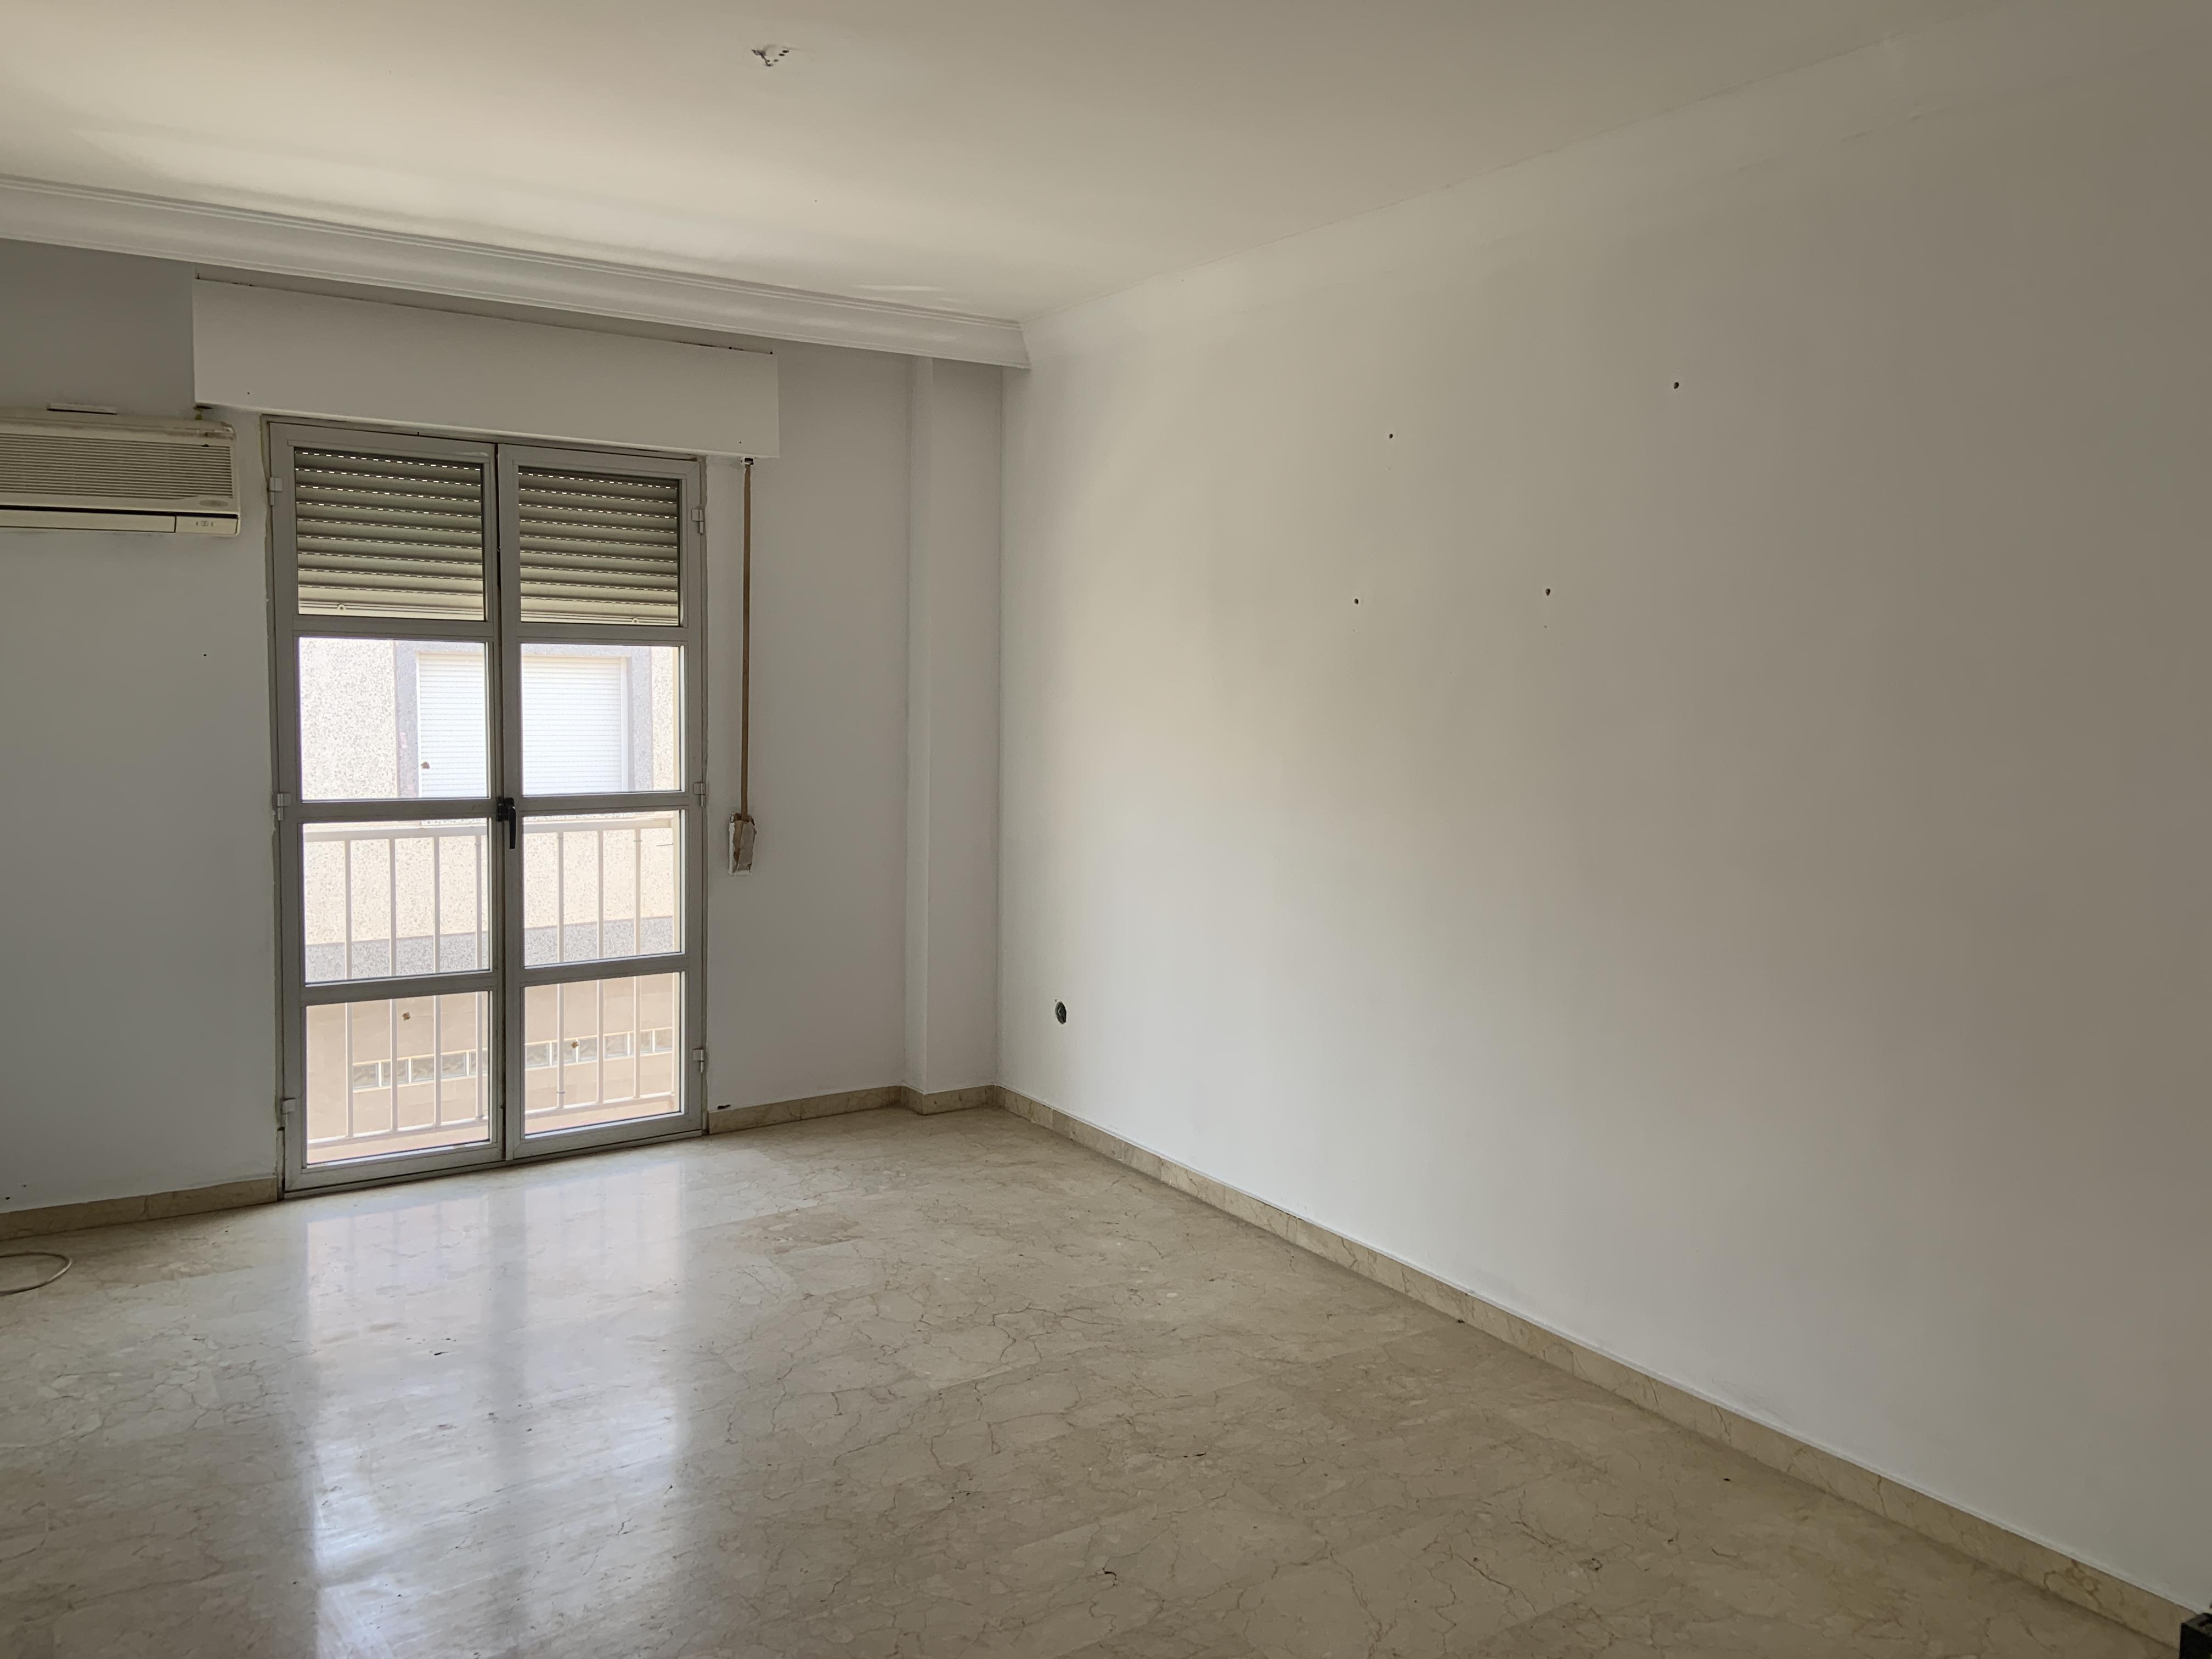 Piso en venta en Piso en Pulianas, Granada, 74.000 €, 2 habitaciones, 1 baño, 79 m2, Garaje